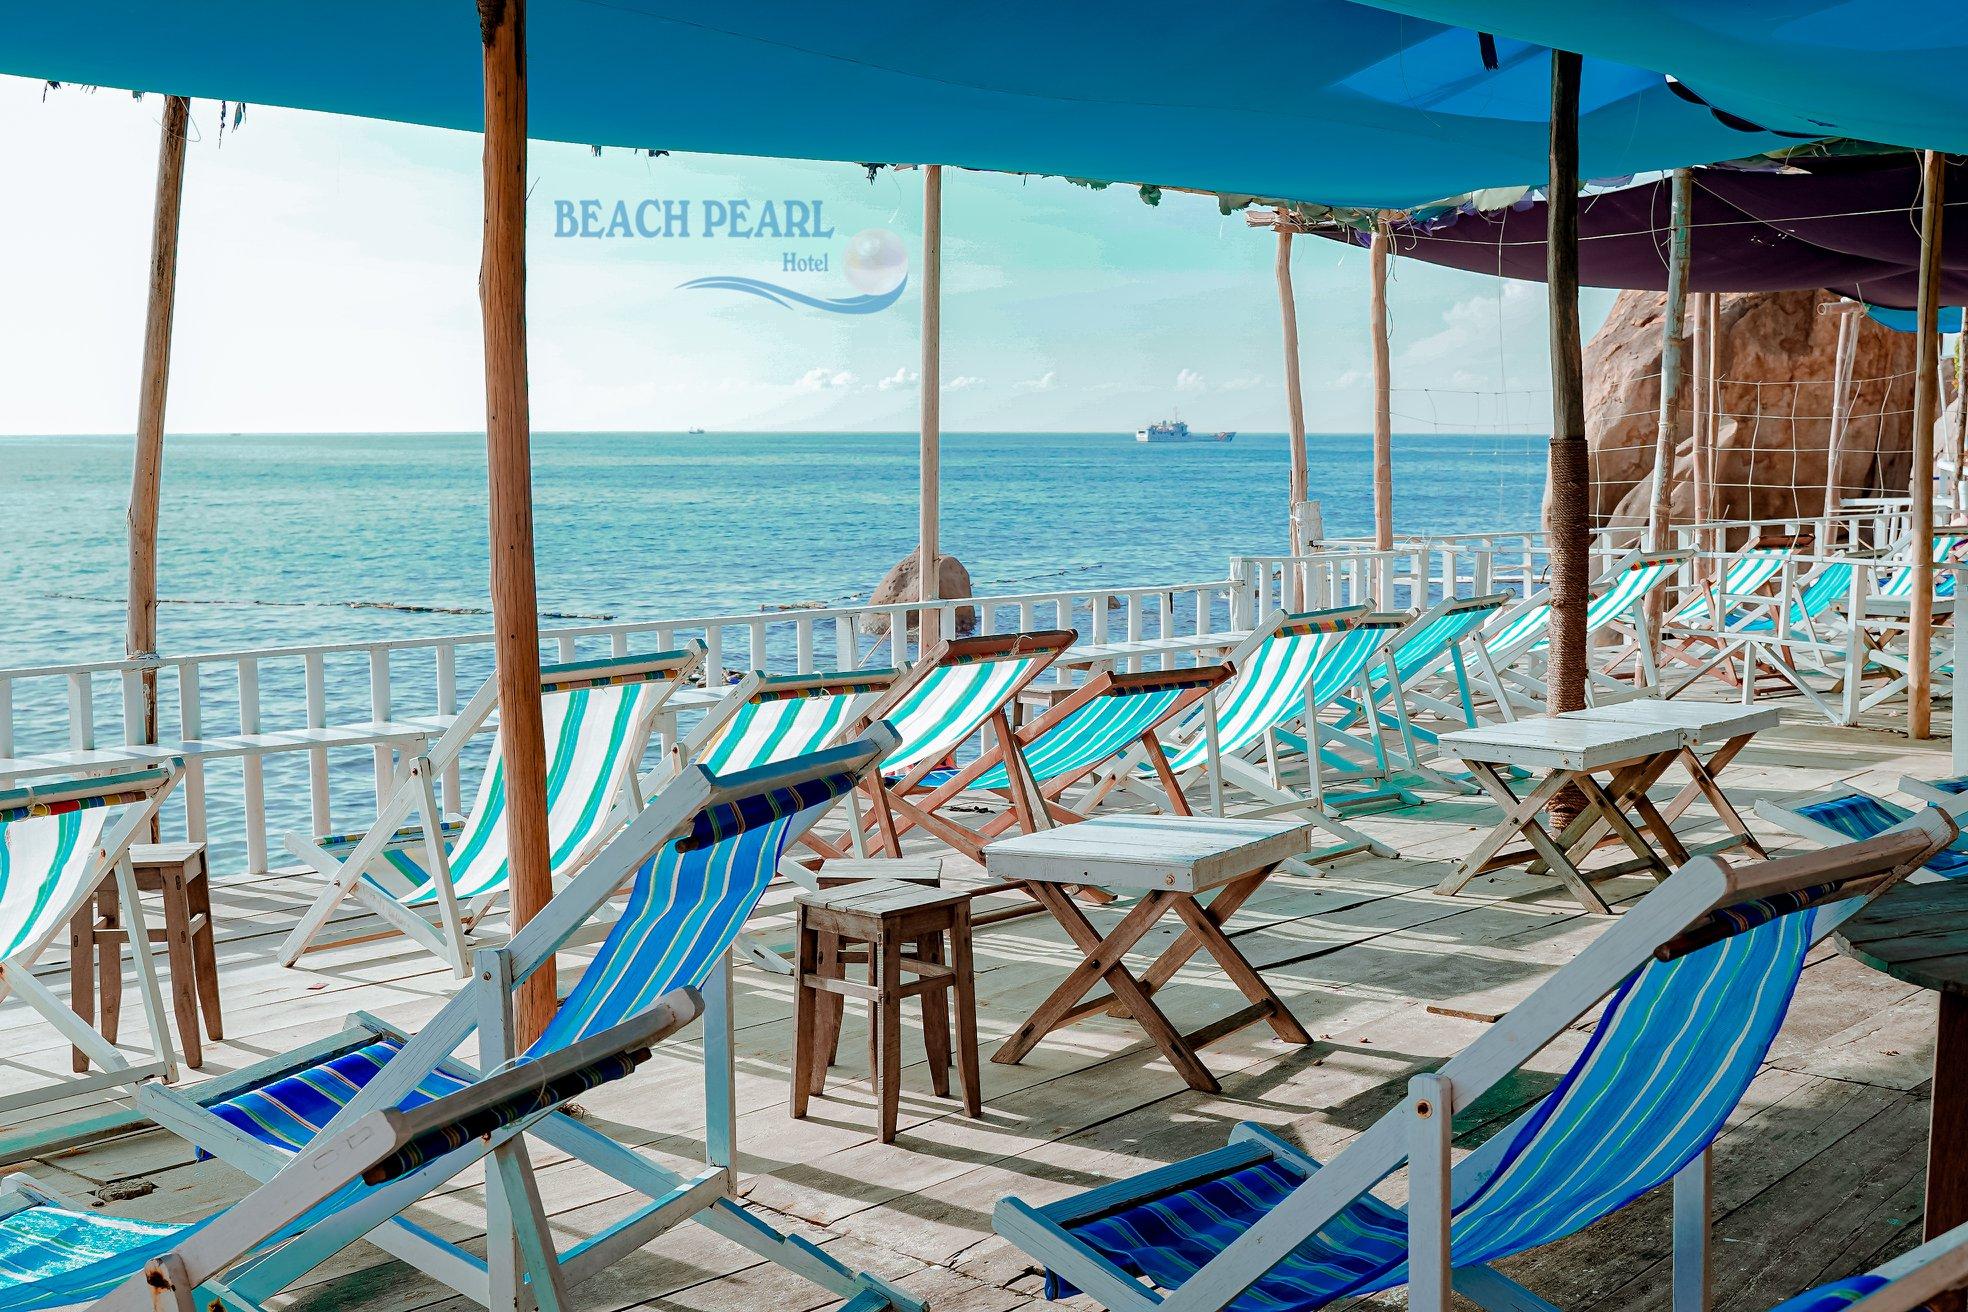 beach pearl hotel